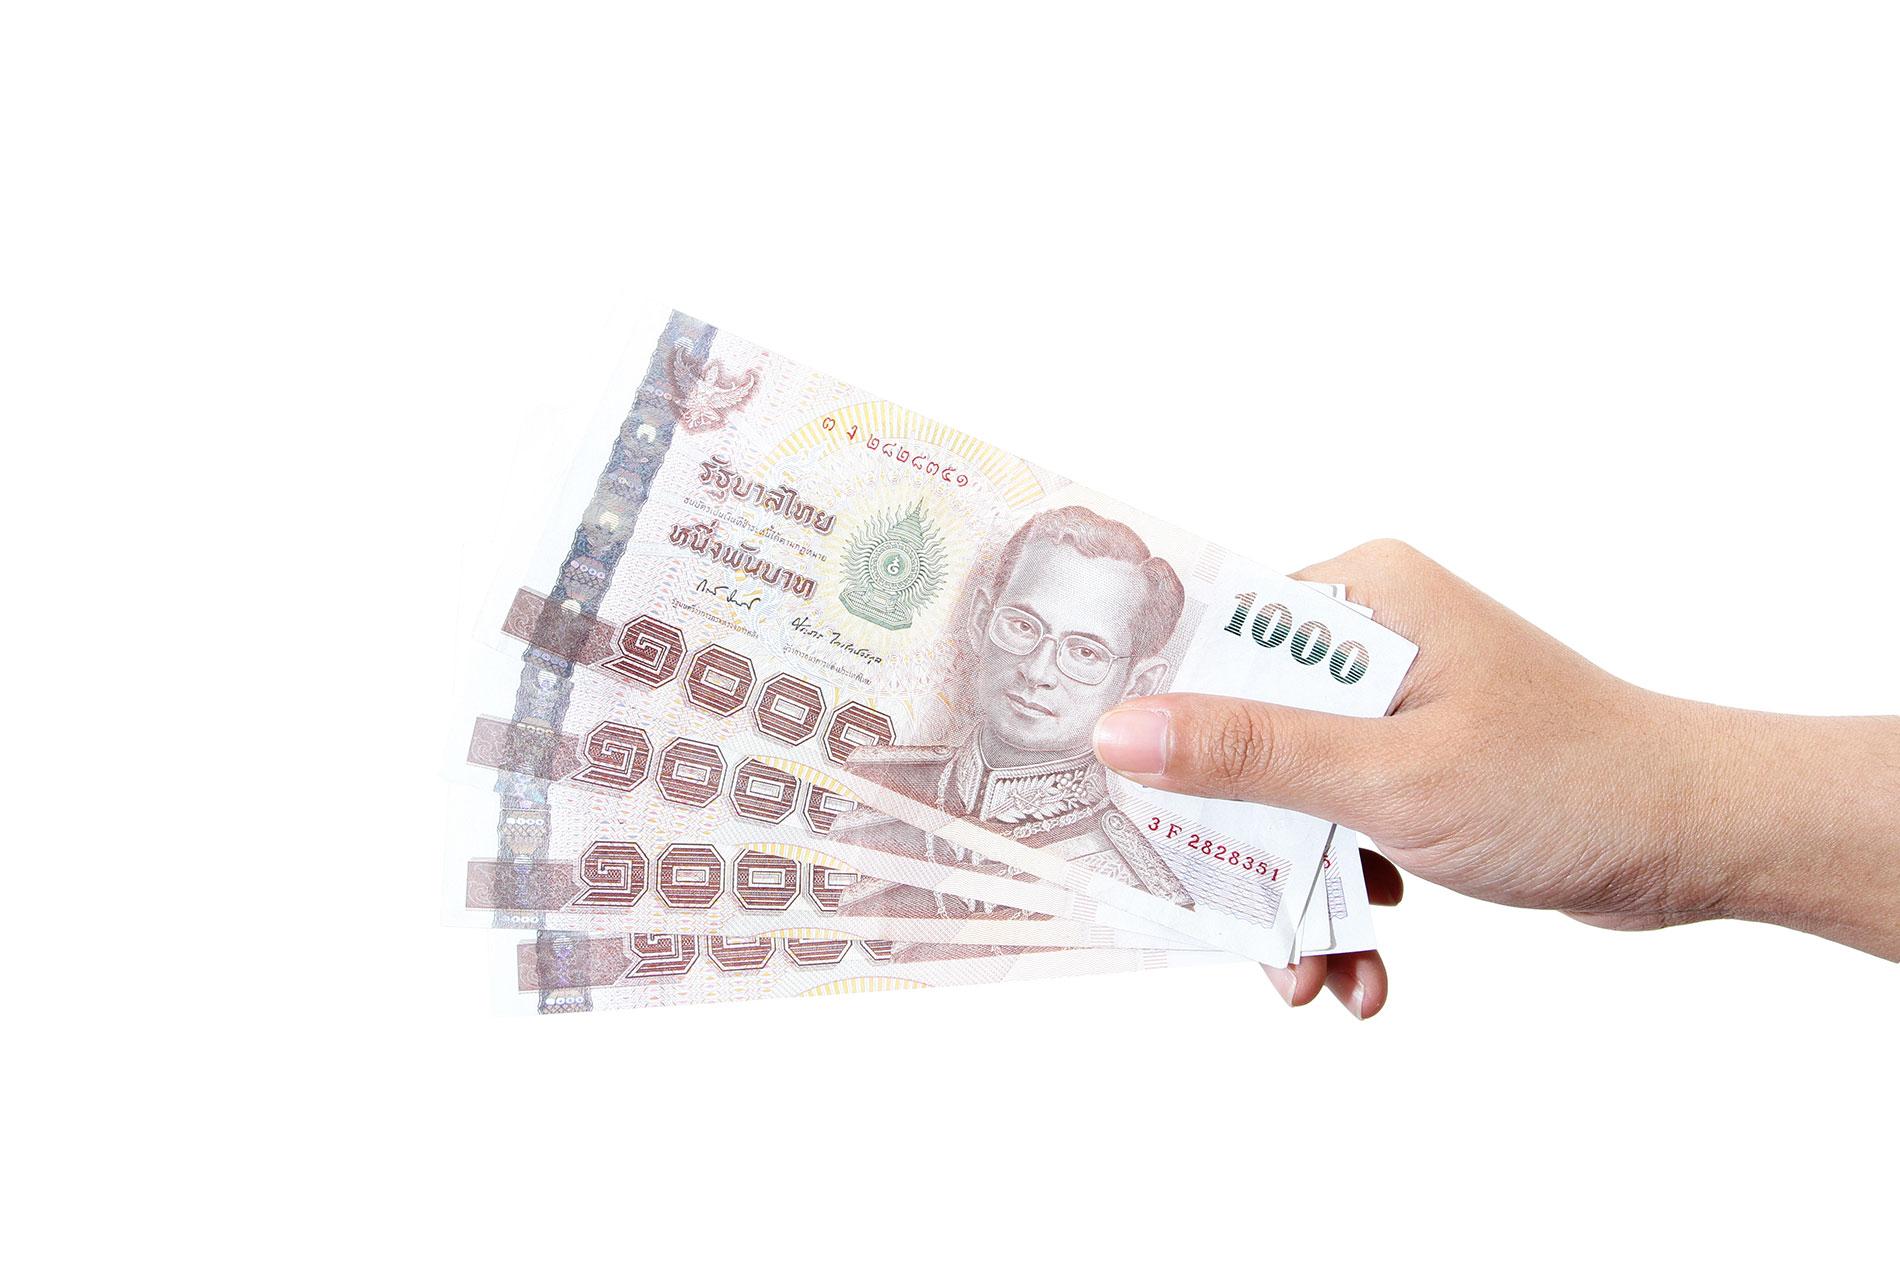 ธนาคารไทย